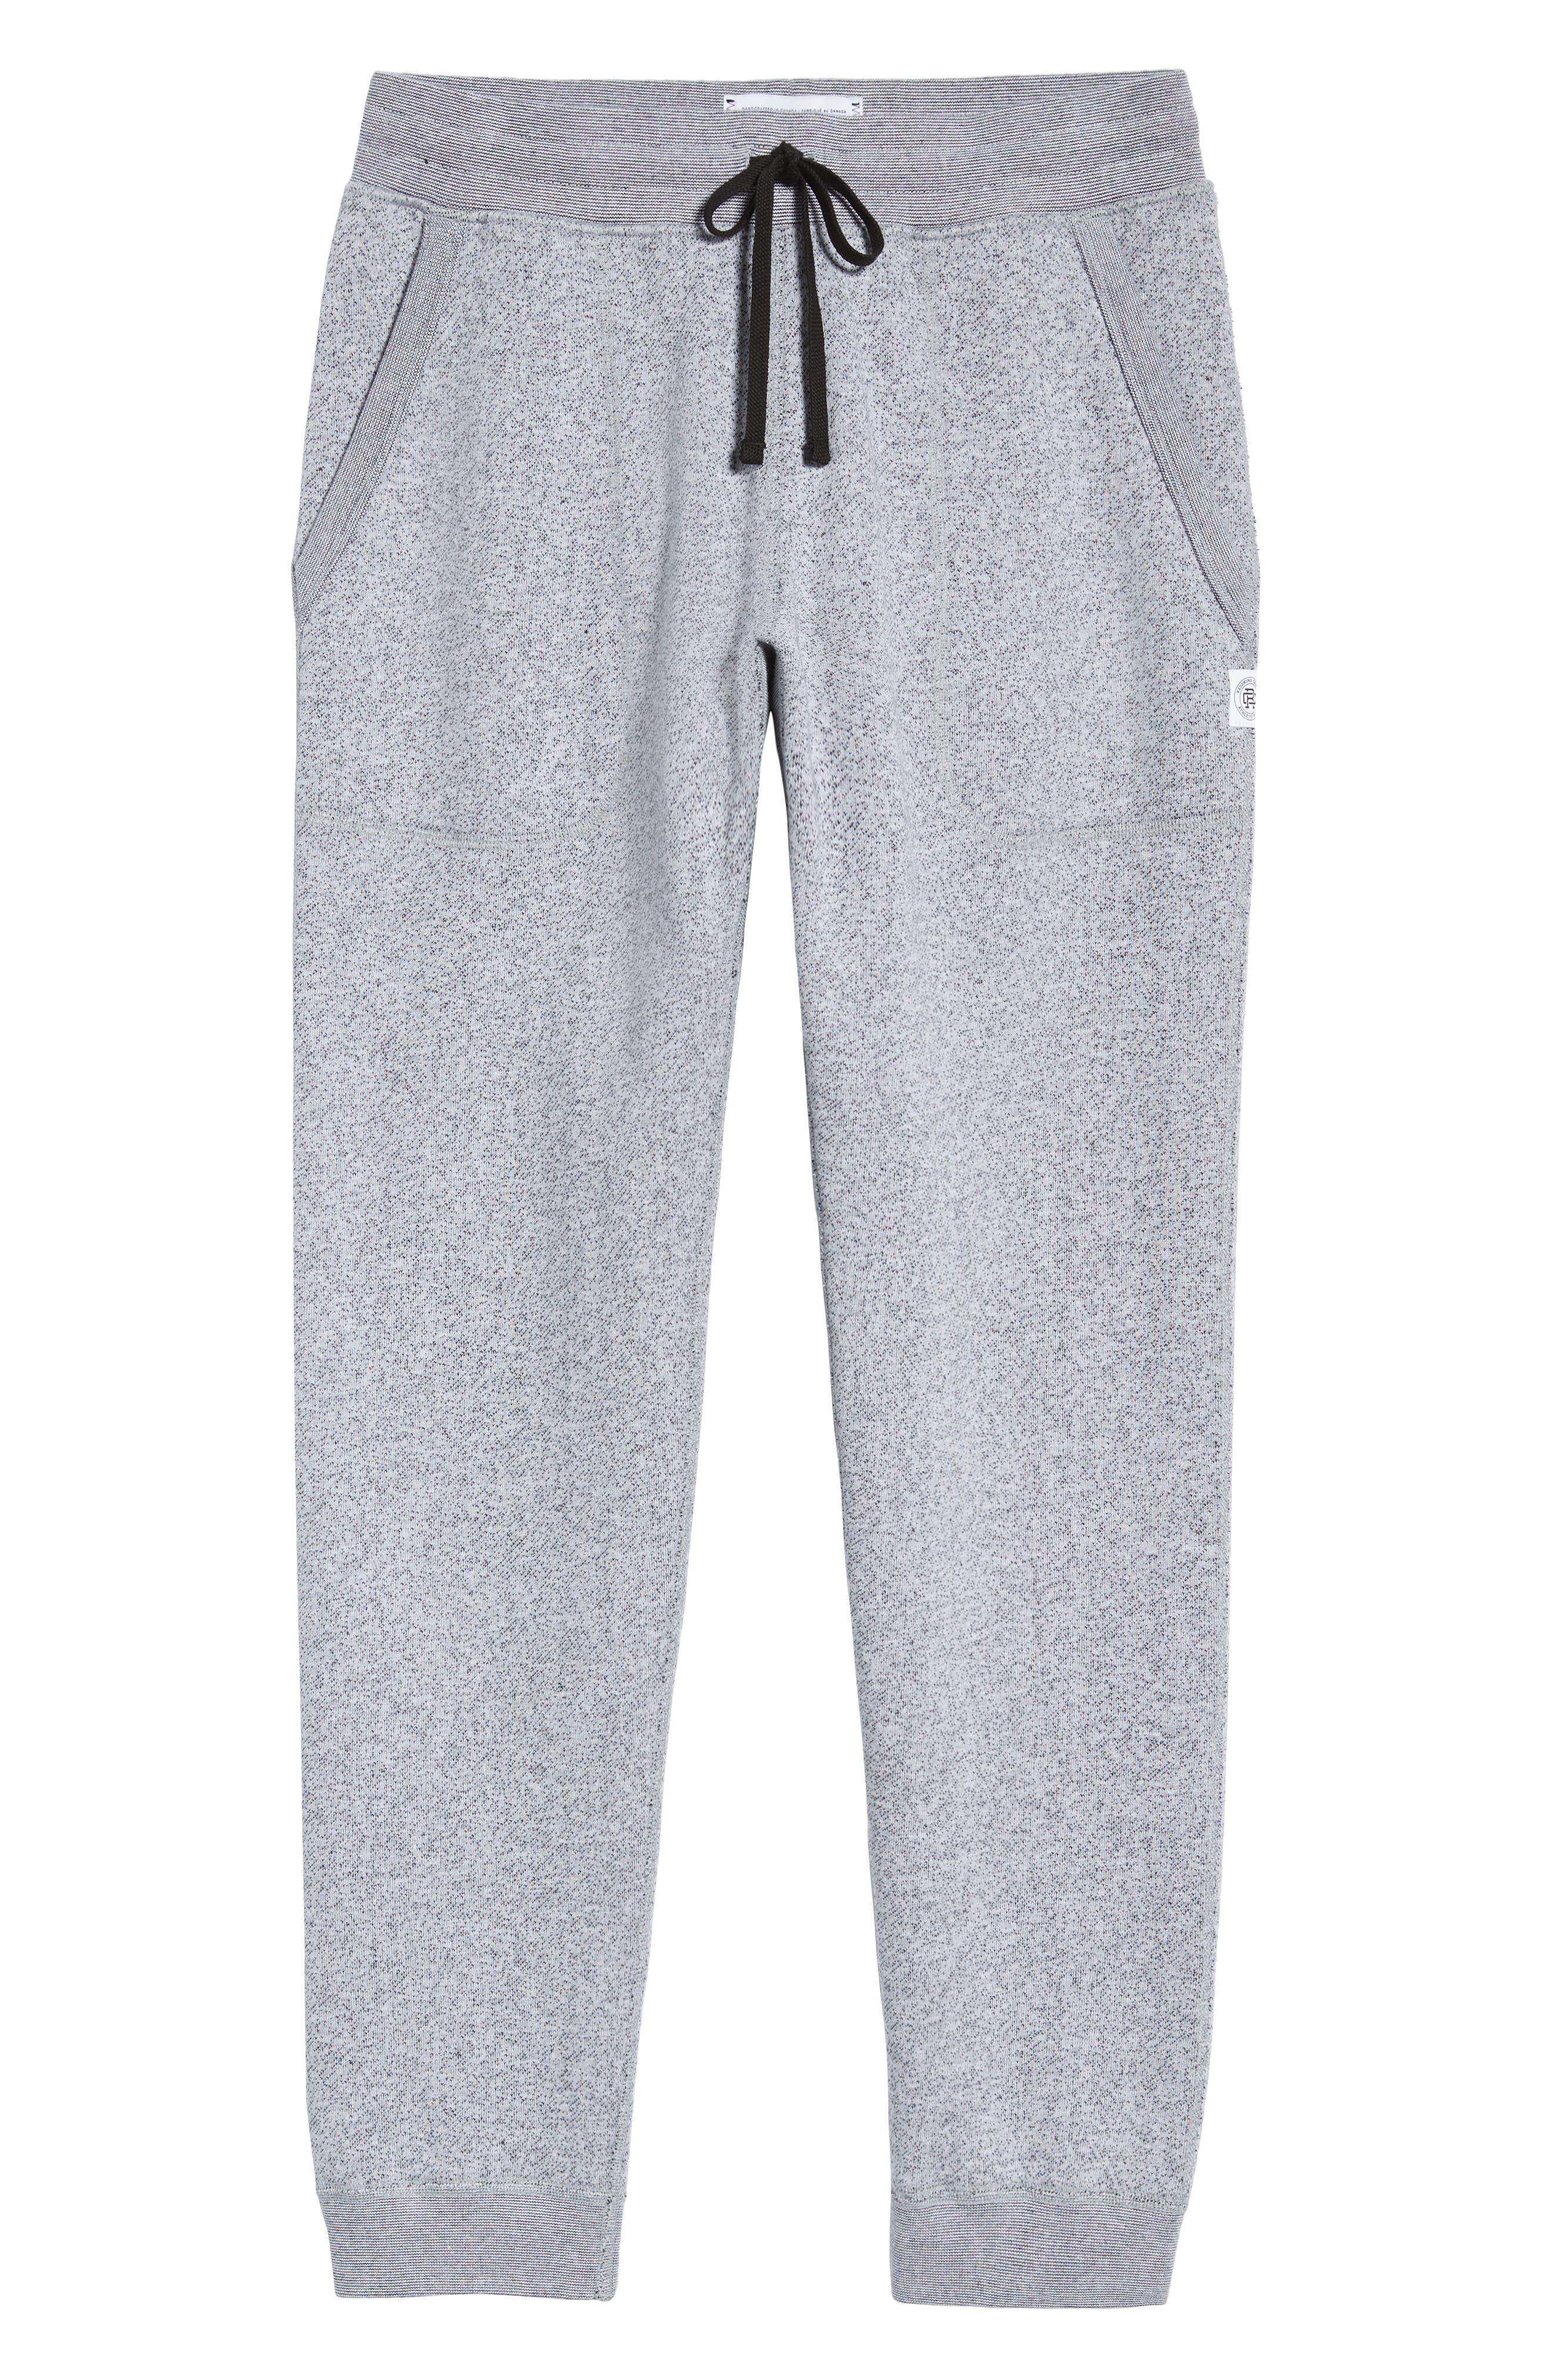 Tiger Slim Jogger Sweatpants,                             Alternate thumbnail 6, color,                             WHITE